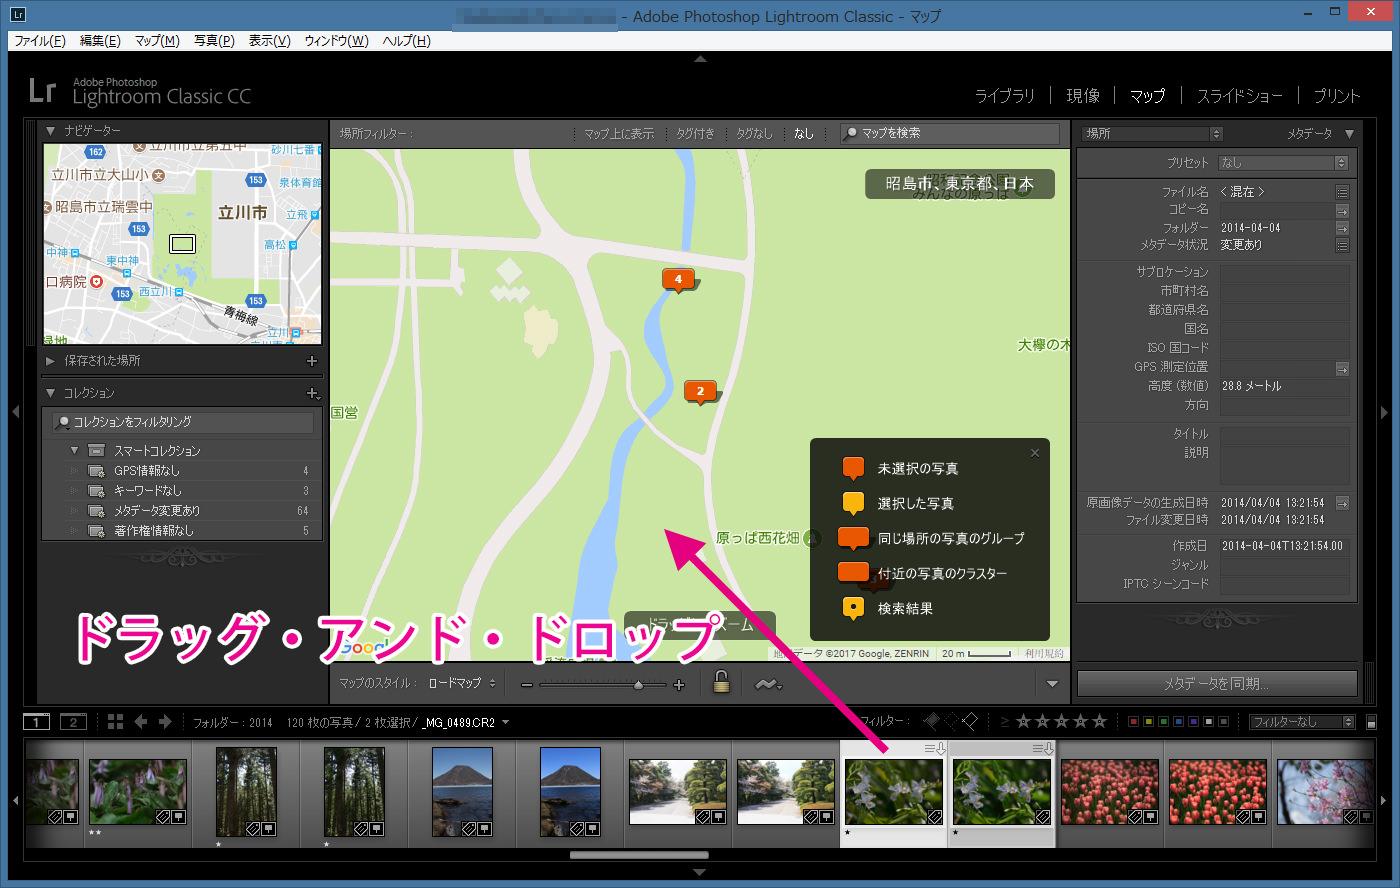 マップモジュール